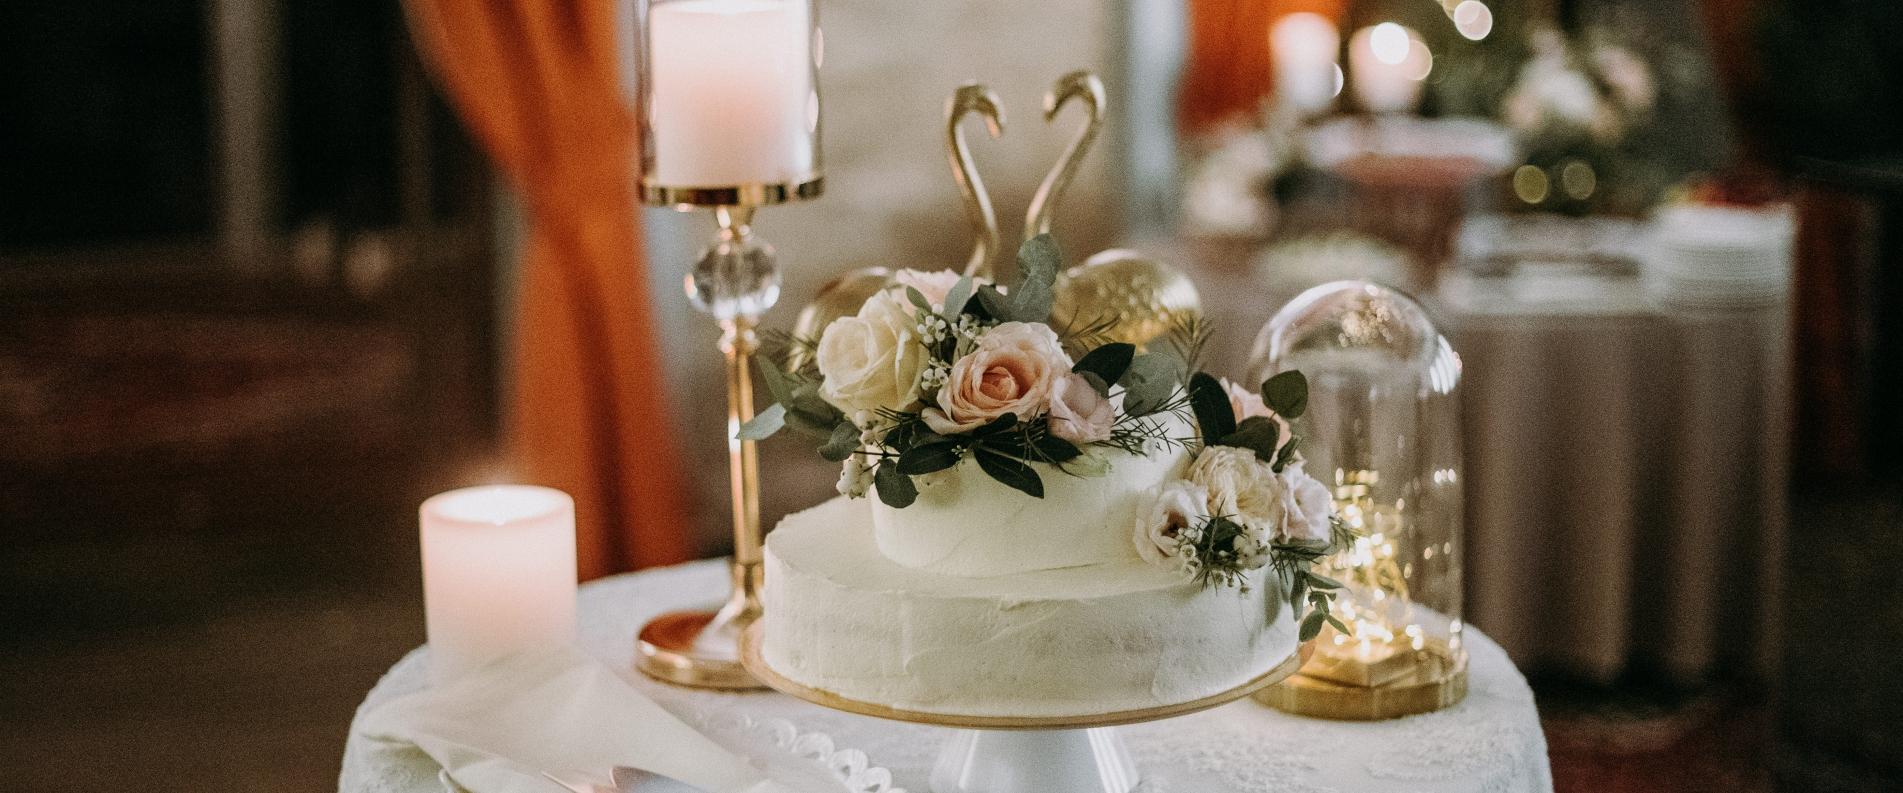 dace-haralds-by-miks-sels-weddings-853_1335-b7bf2f04af8606abdf39bc36d13467fb.jpg